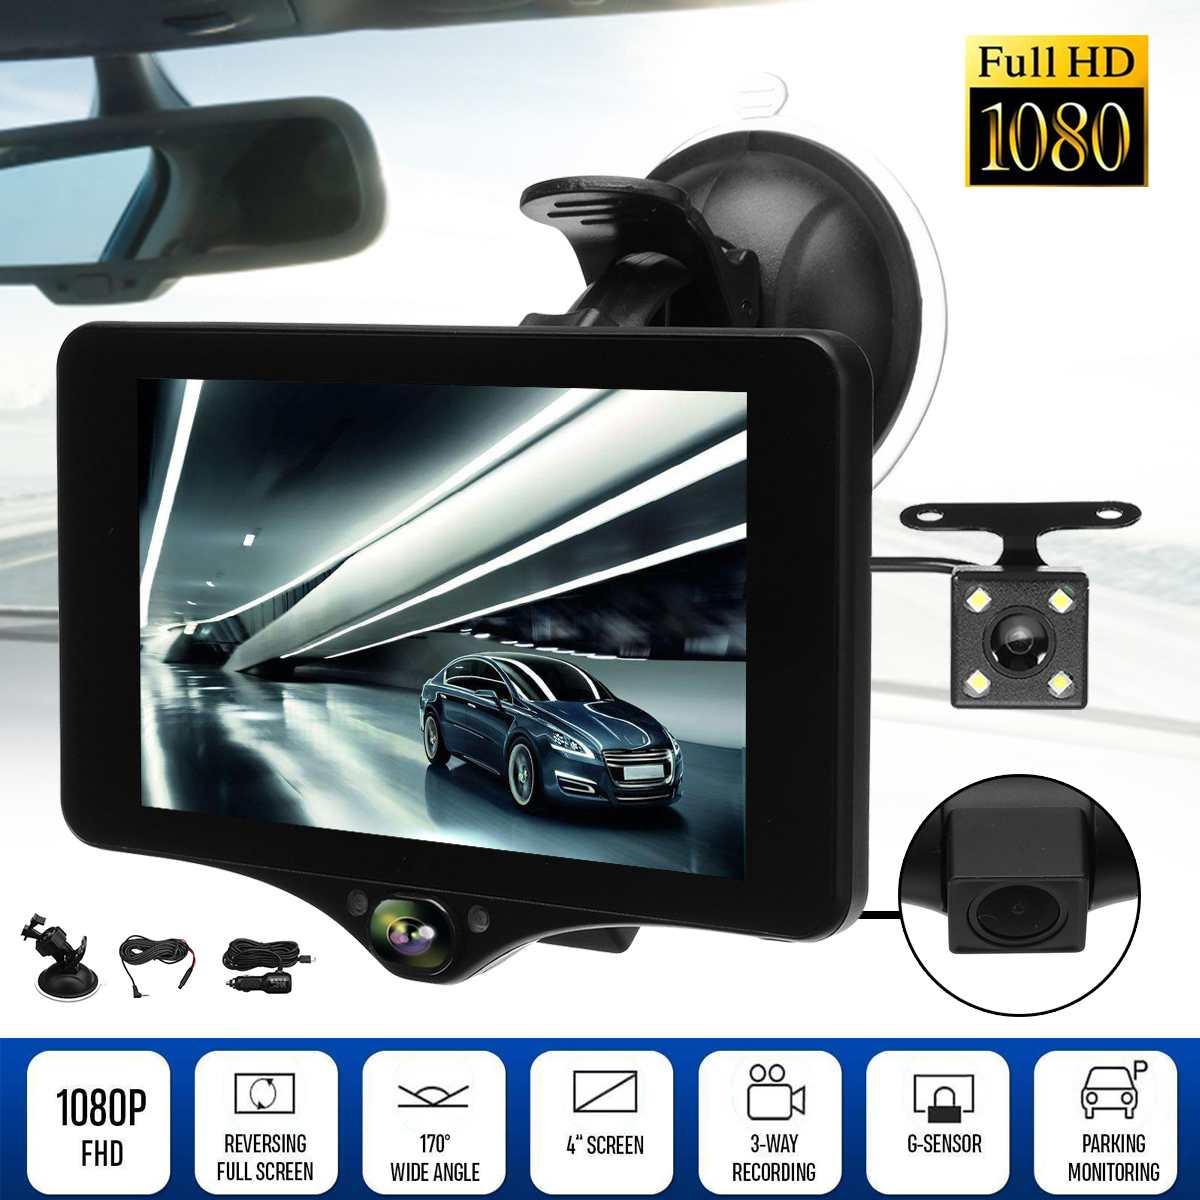 4 pouces FHD 1080 P voiture DVR 3 objectif enregistrateur avec caméra de recul Vision nocturne g-sensor enregistreur vidéo Dashcam caméscope caméra